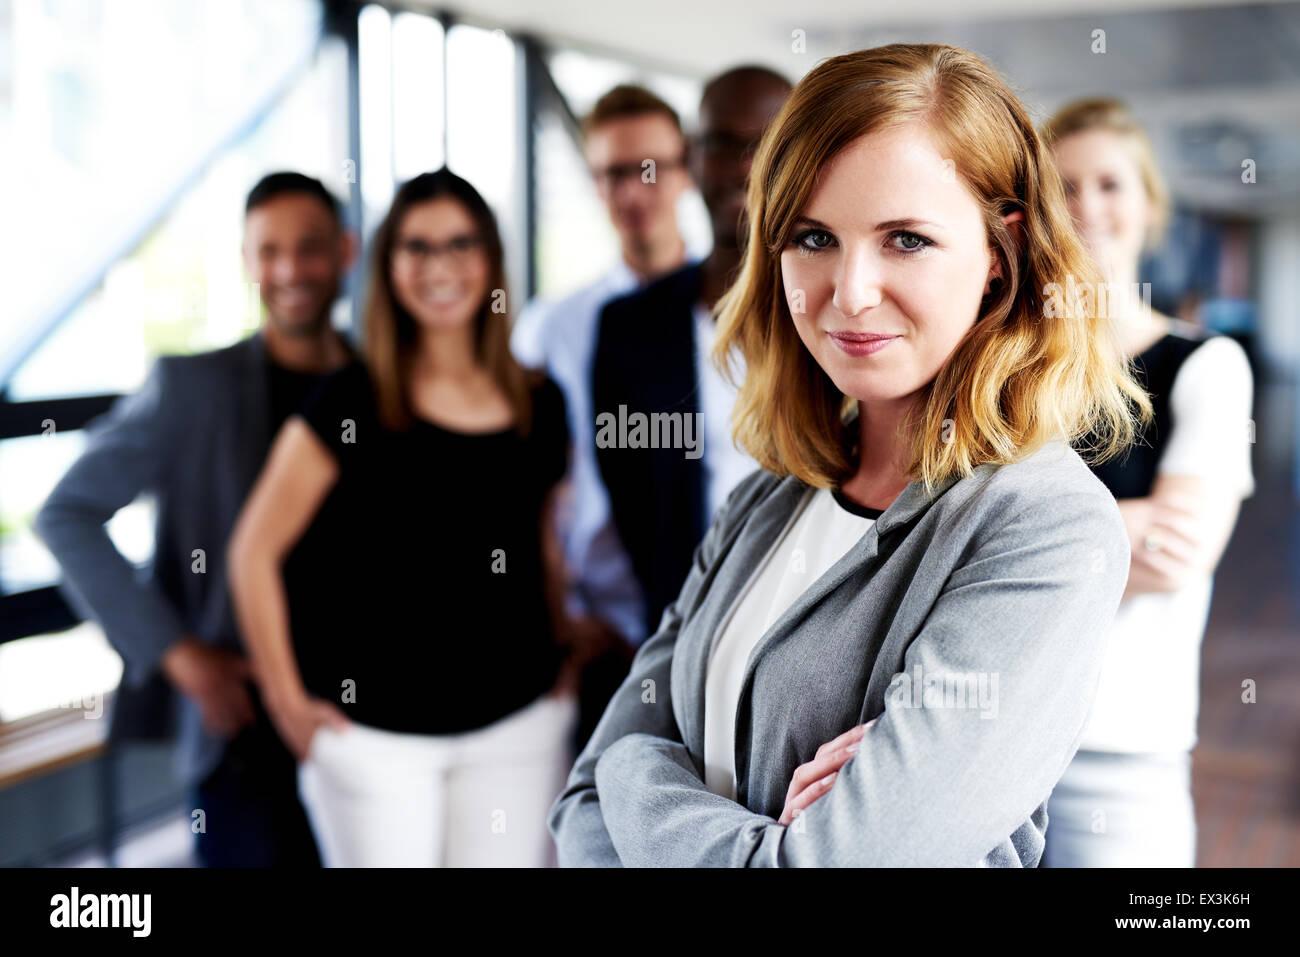 Blanco joven ejecutiva femenina con los brazos cruzados delante de sus colegas en la cámara sonriente Imagen De Stock